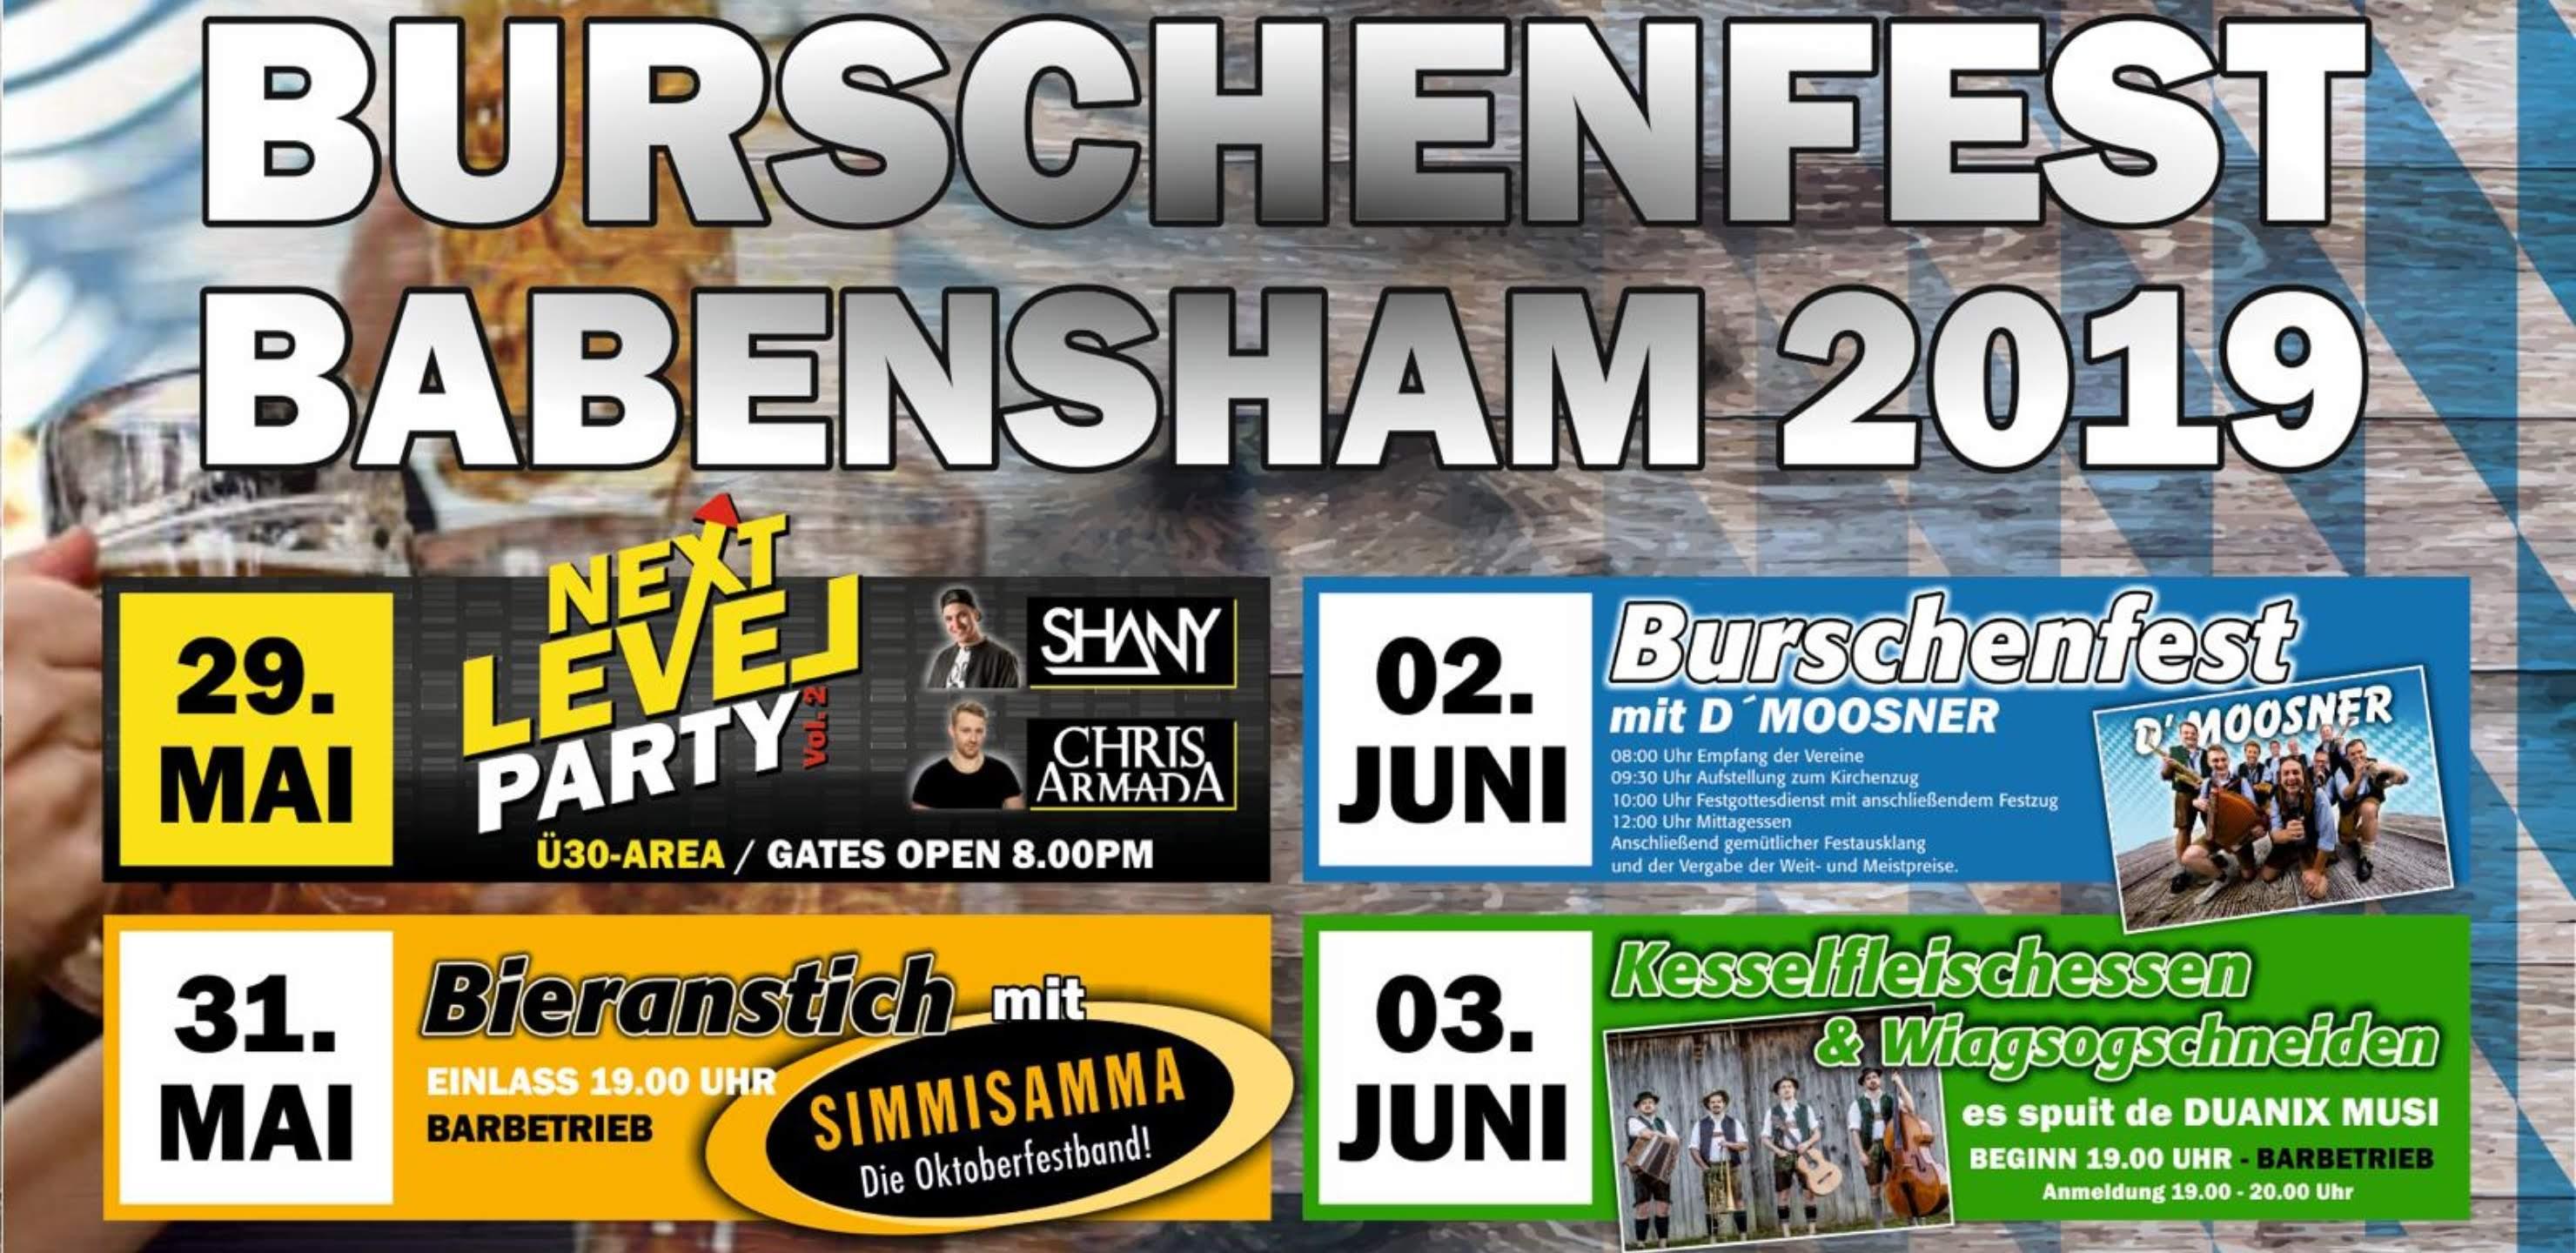 Bieranstich / Burschenfest Babensham 2019